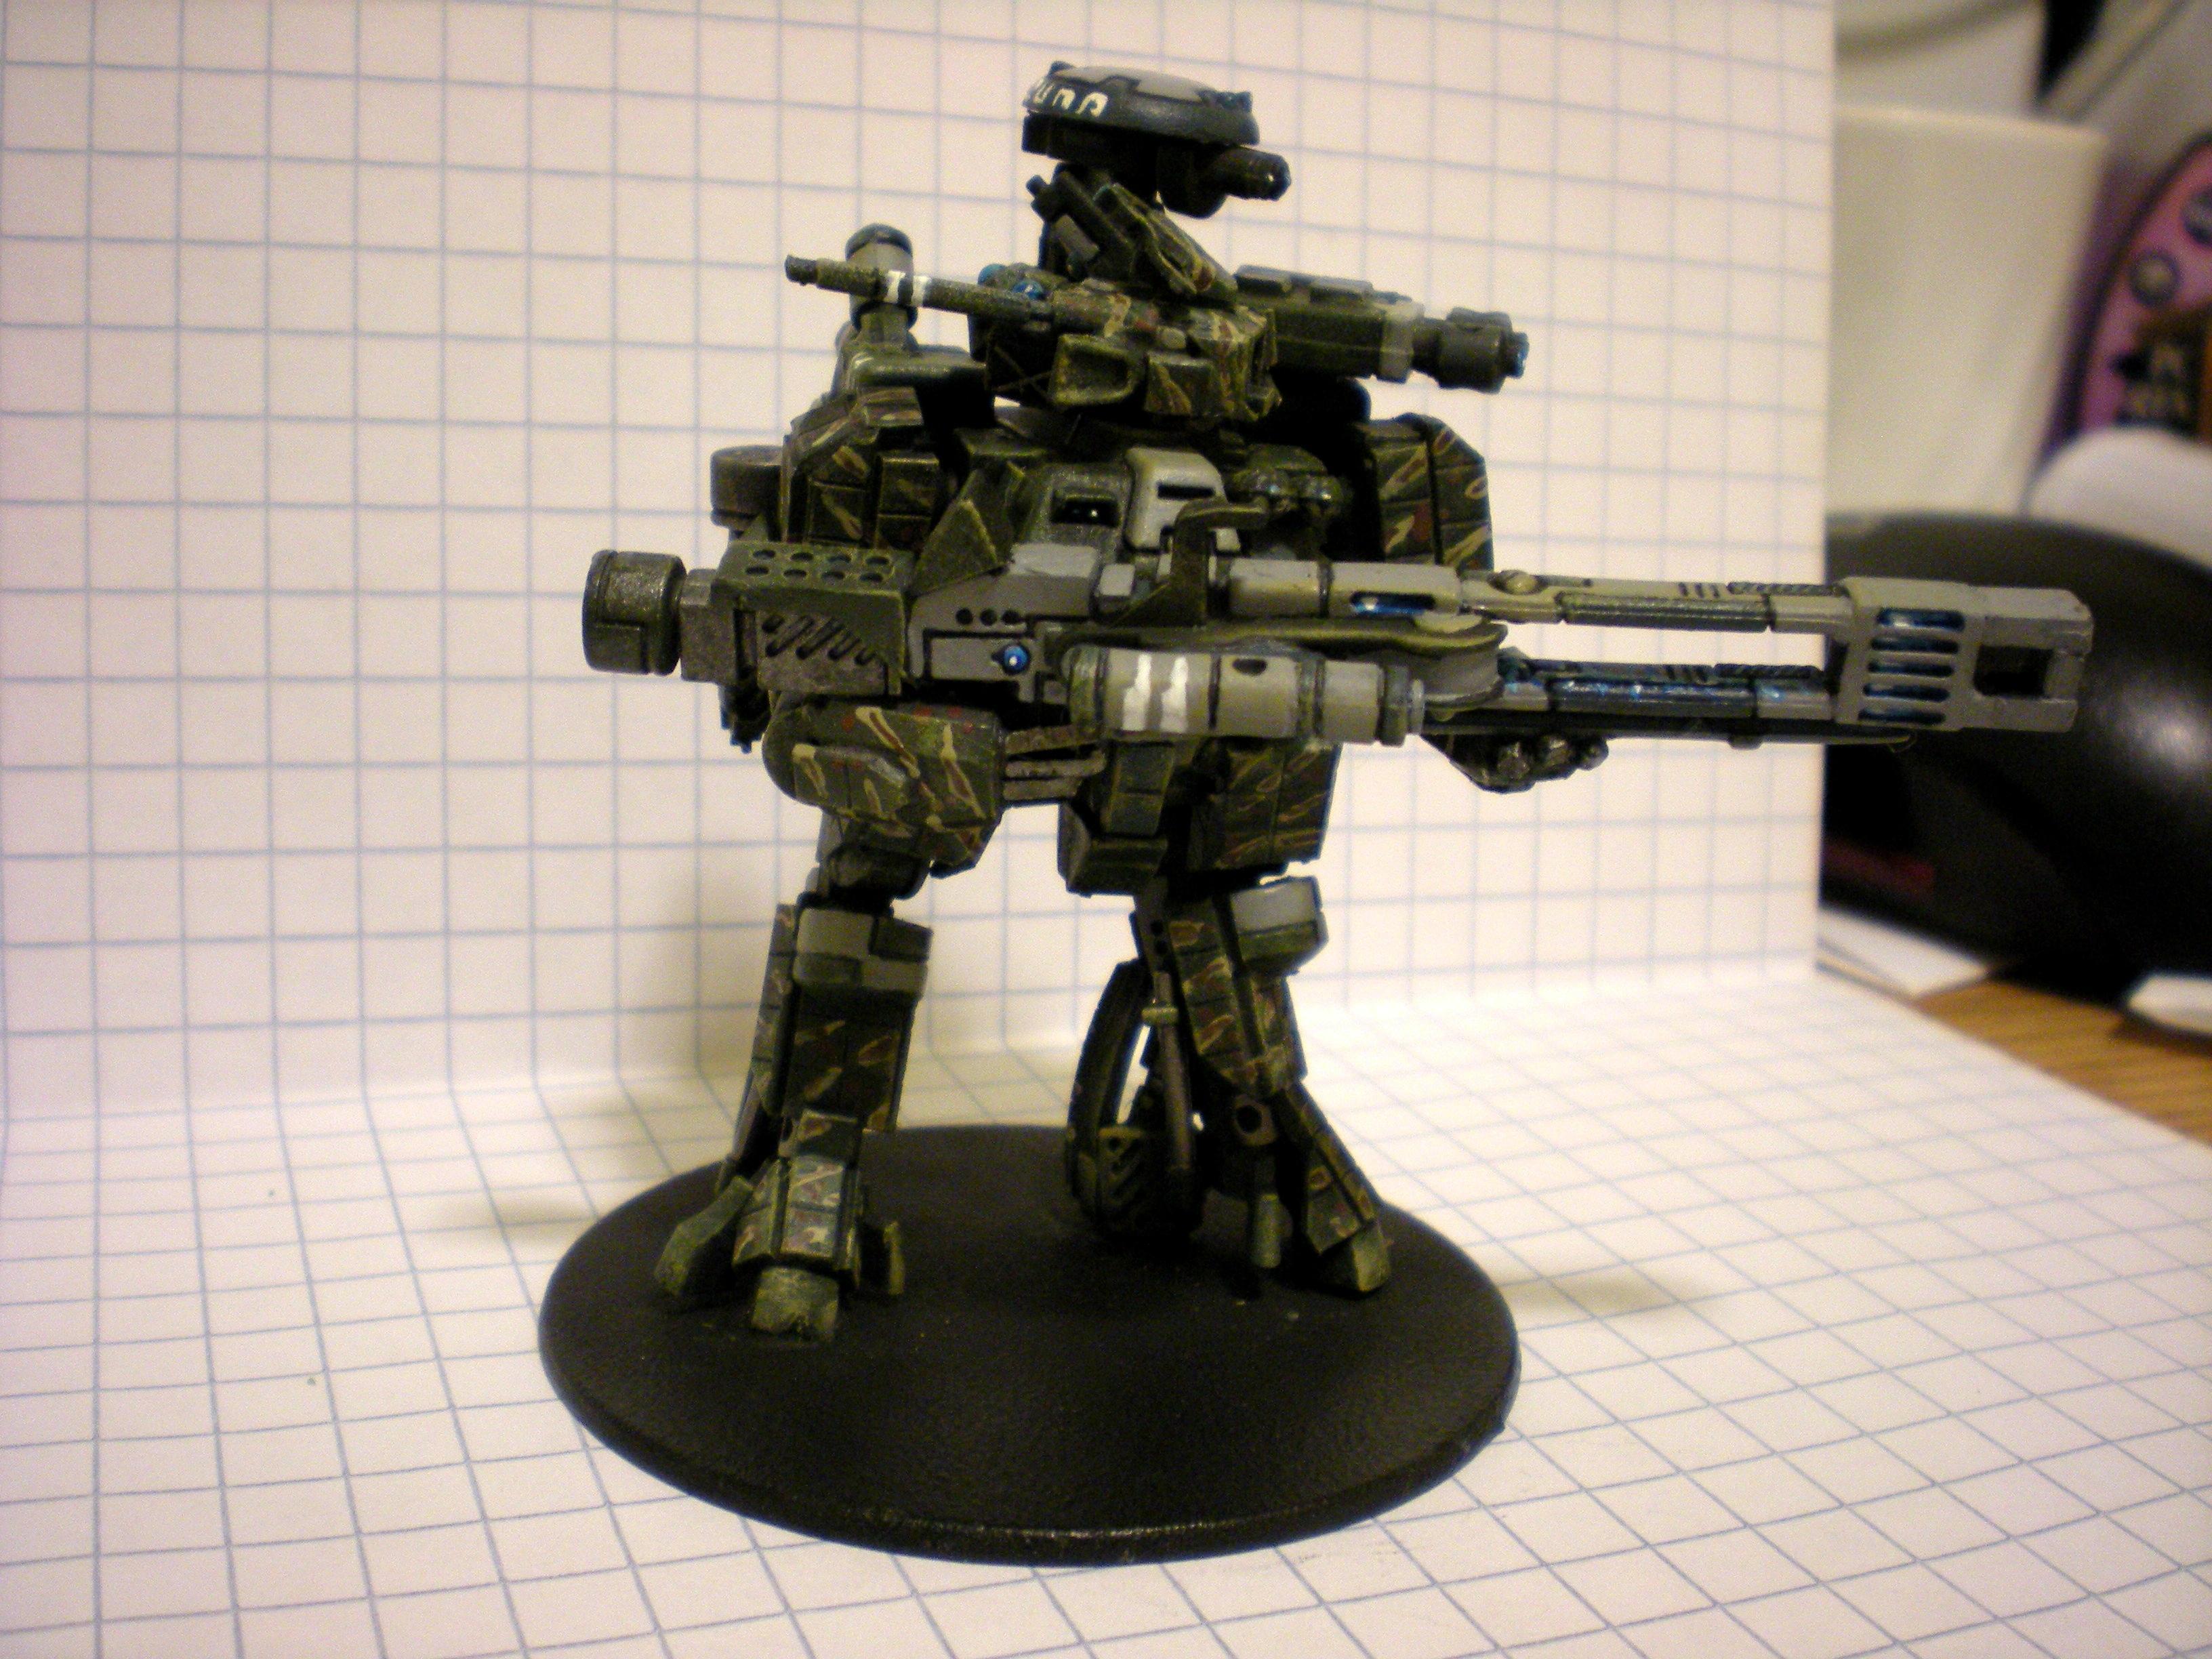 Battlesuit, Broadsides, Camouflage, Conversion, Crisis Battlesuit, Pure Awesome, Rail, Suit, Tau, Tau Conversions